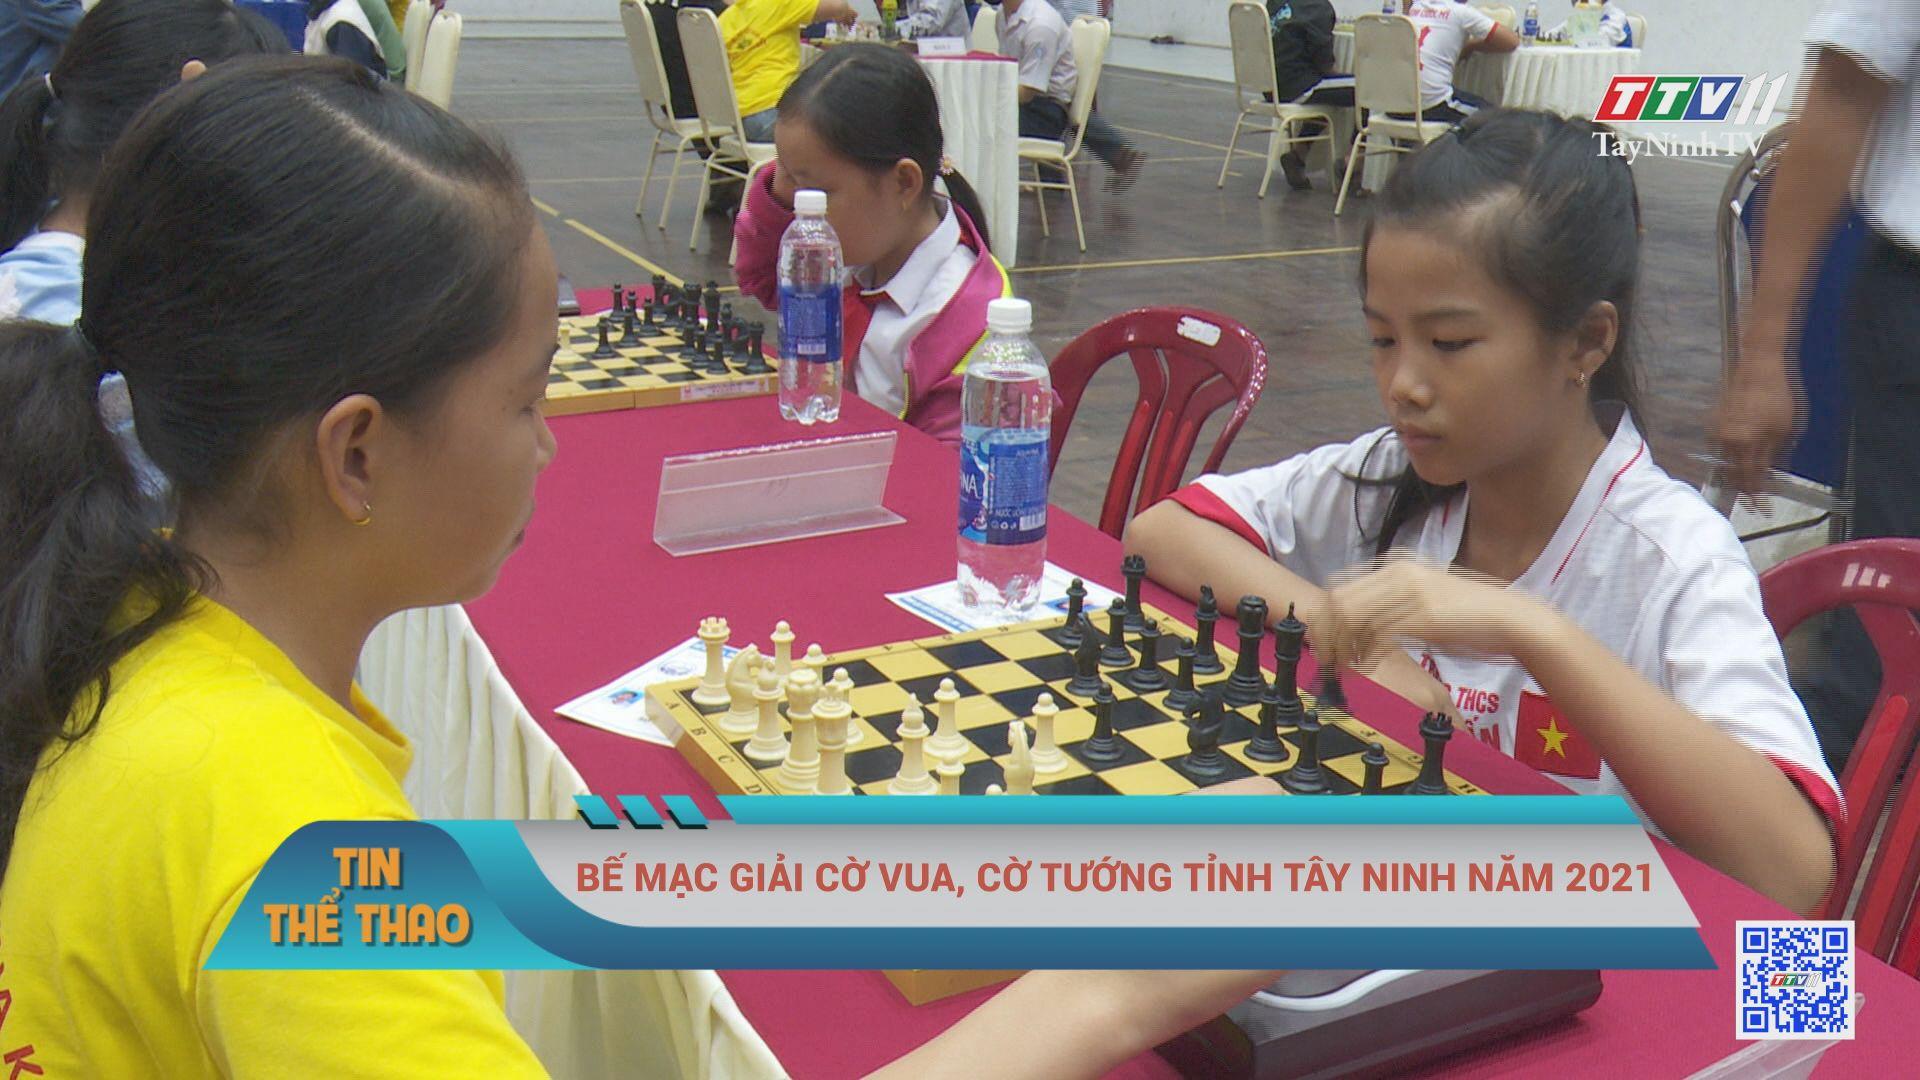 Bế mạc giải cờ vua, cờ tướng tỉnh Tây Ninh năm 2021 | BẢN TIN THỂ THAO | TayNinhTVE